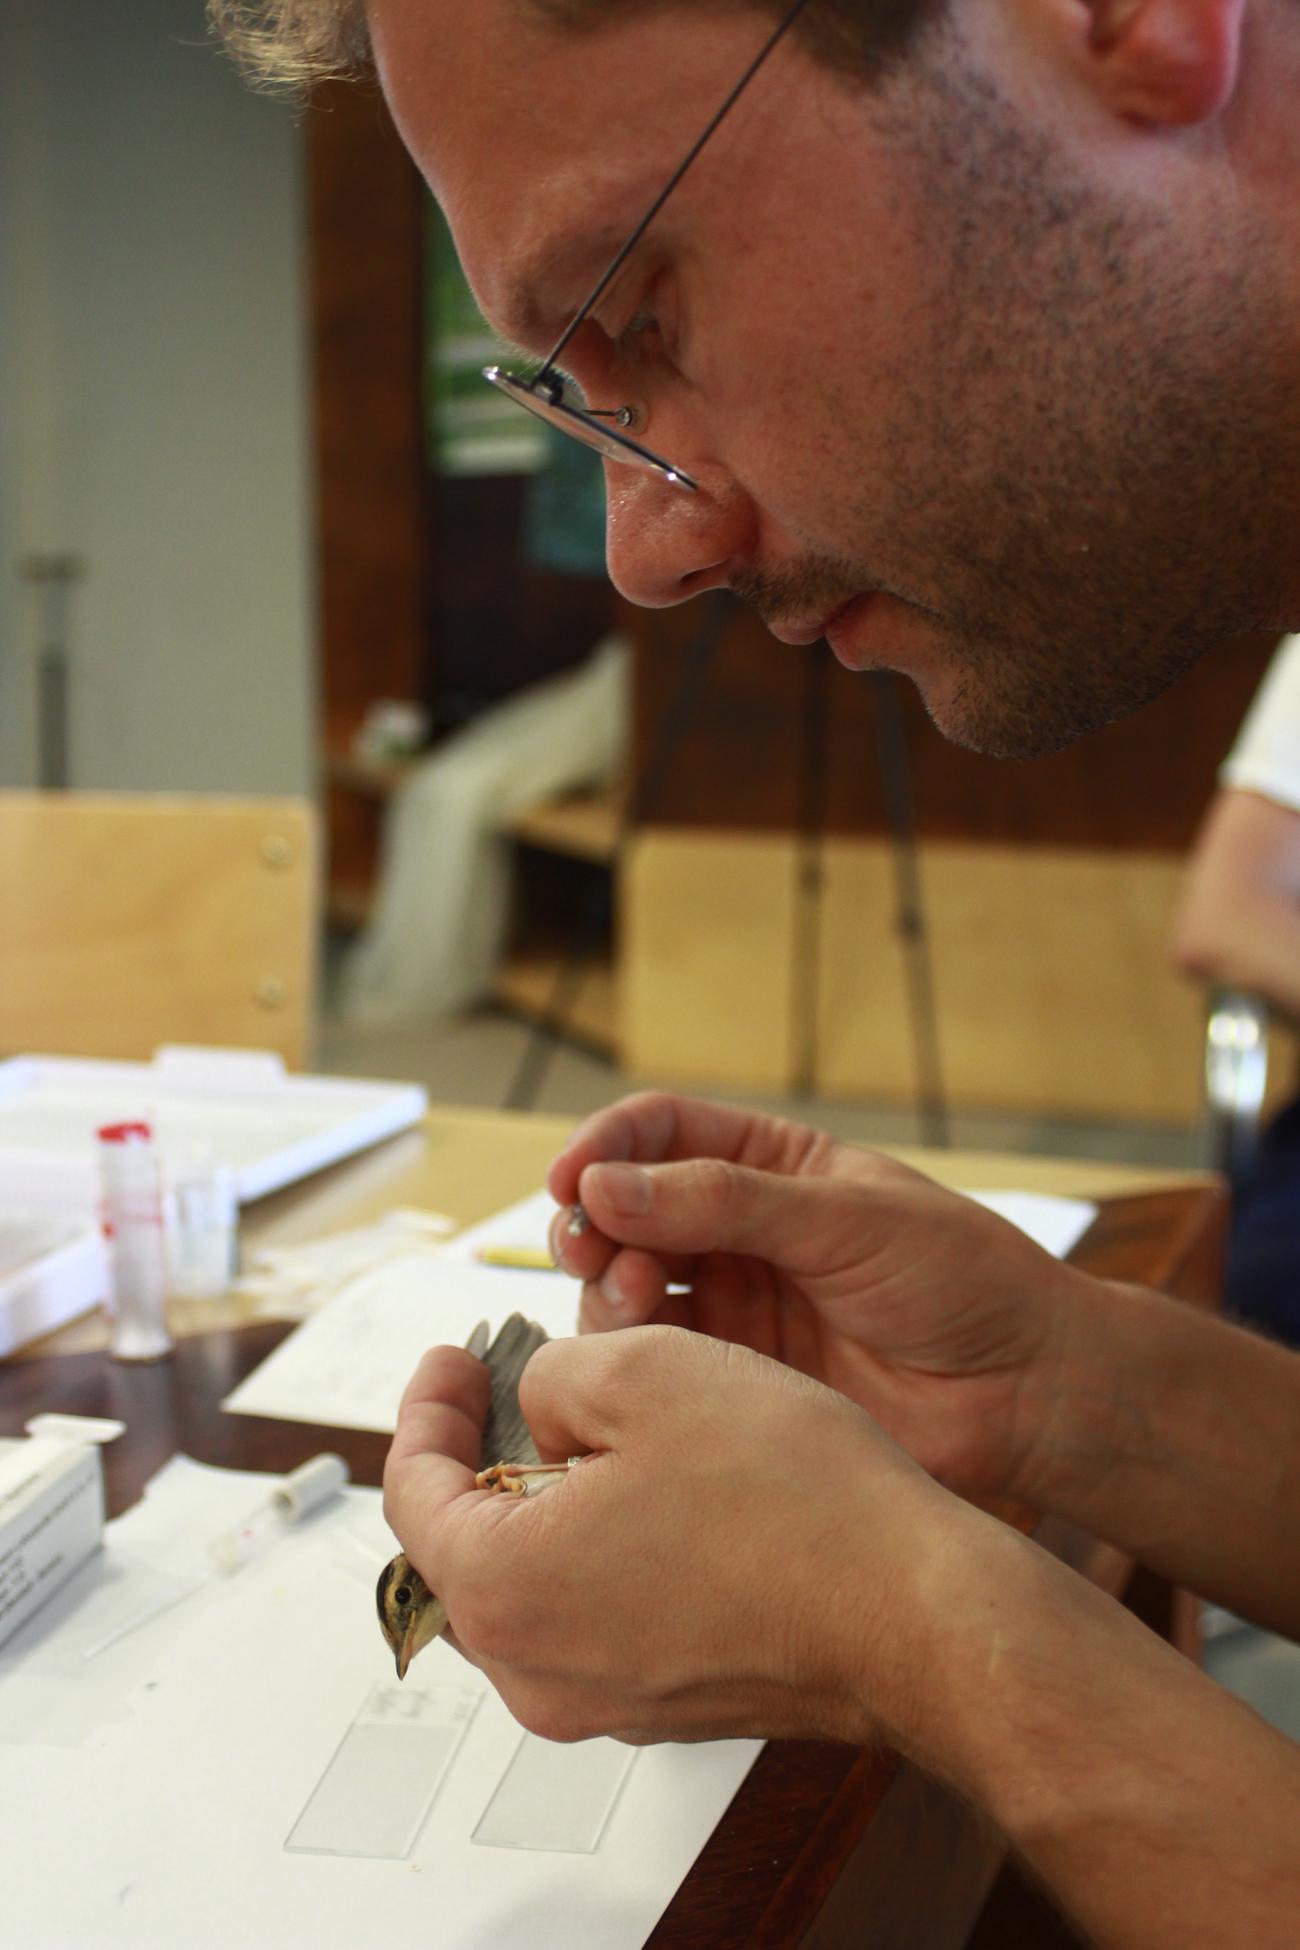 Gamtos tyrimų centro P. B. Šivickio parazitologijos laboratorijos vyresnysis mokslo darbuotojas dr. Vaidas Palinauskas atlieka meldinių nendrinukių kraujo tyrimus.